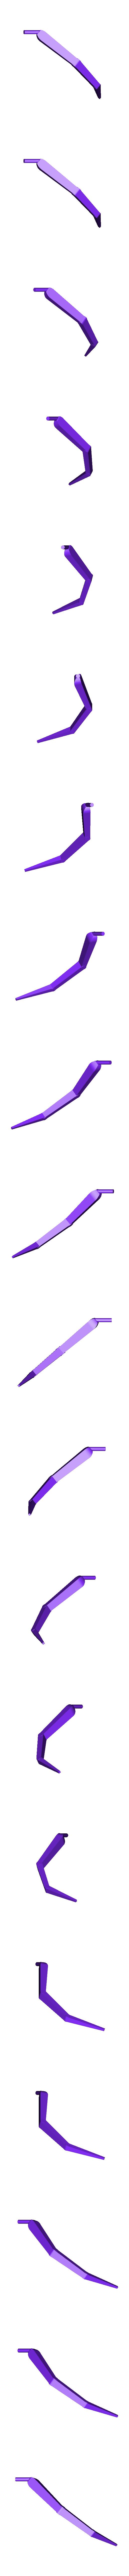 left_front_leg.stl Download free STL file 8 legged spider robot • 3D print design, brianbrocken